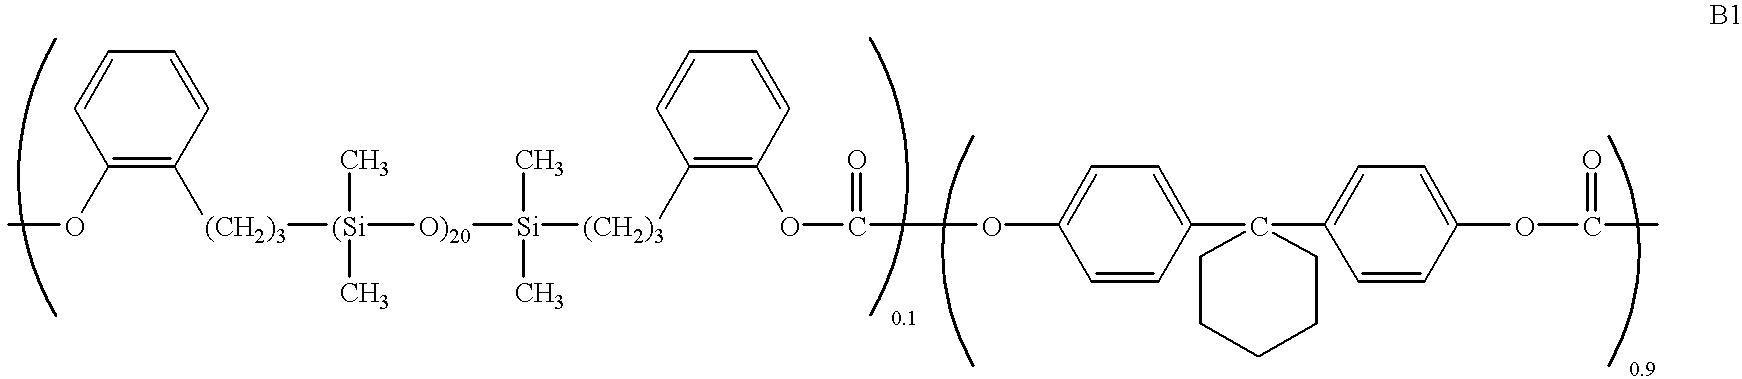 Figure US06248494-20010619-C00002